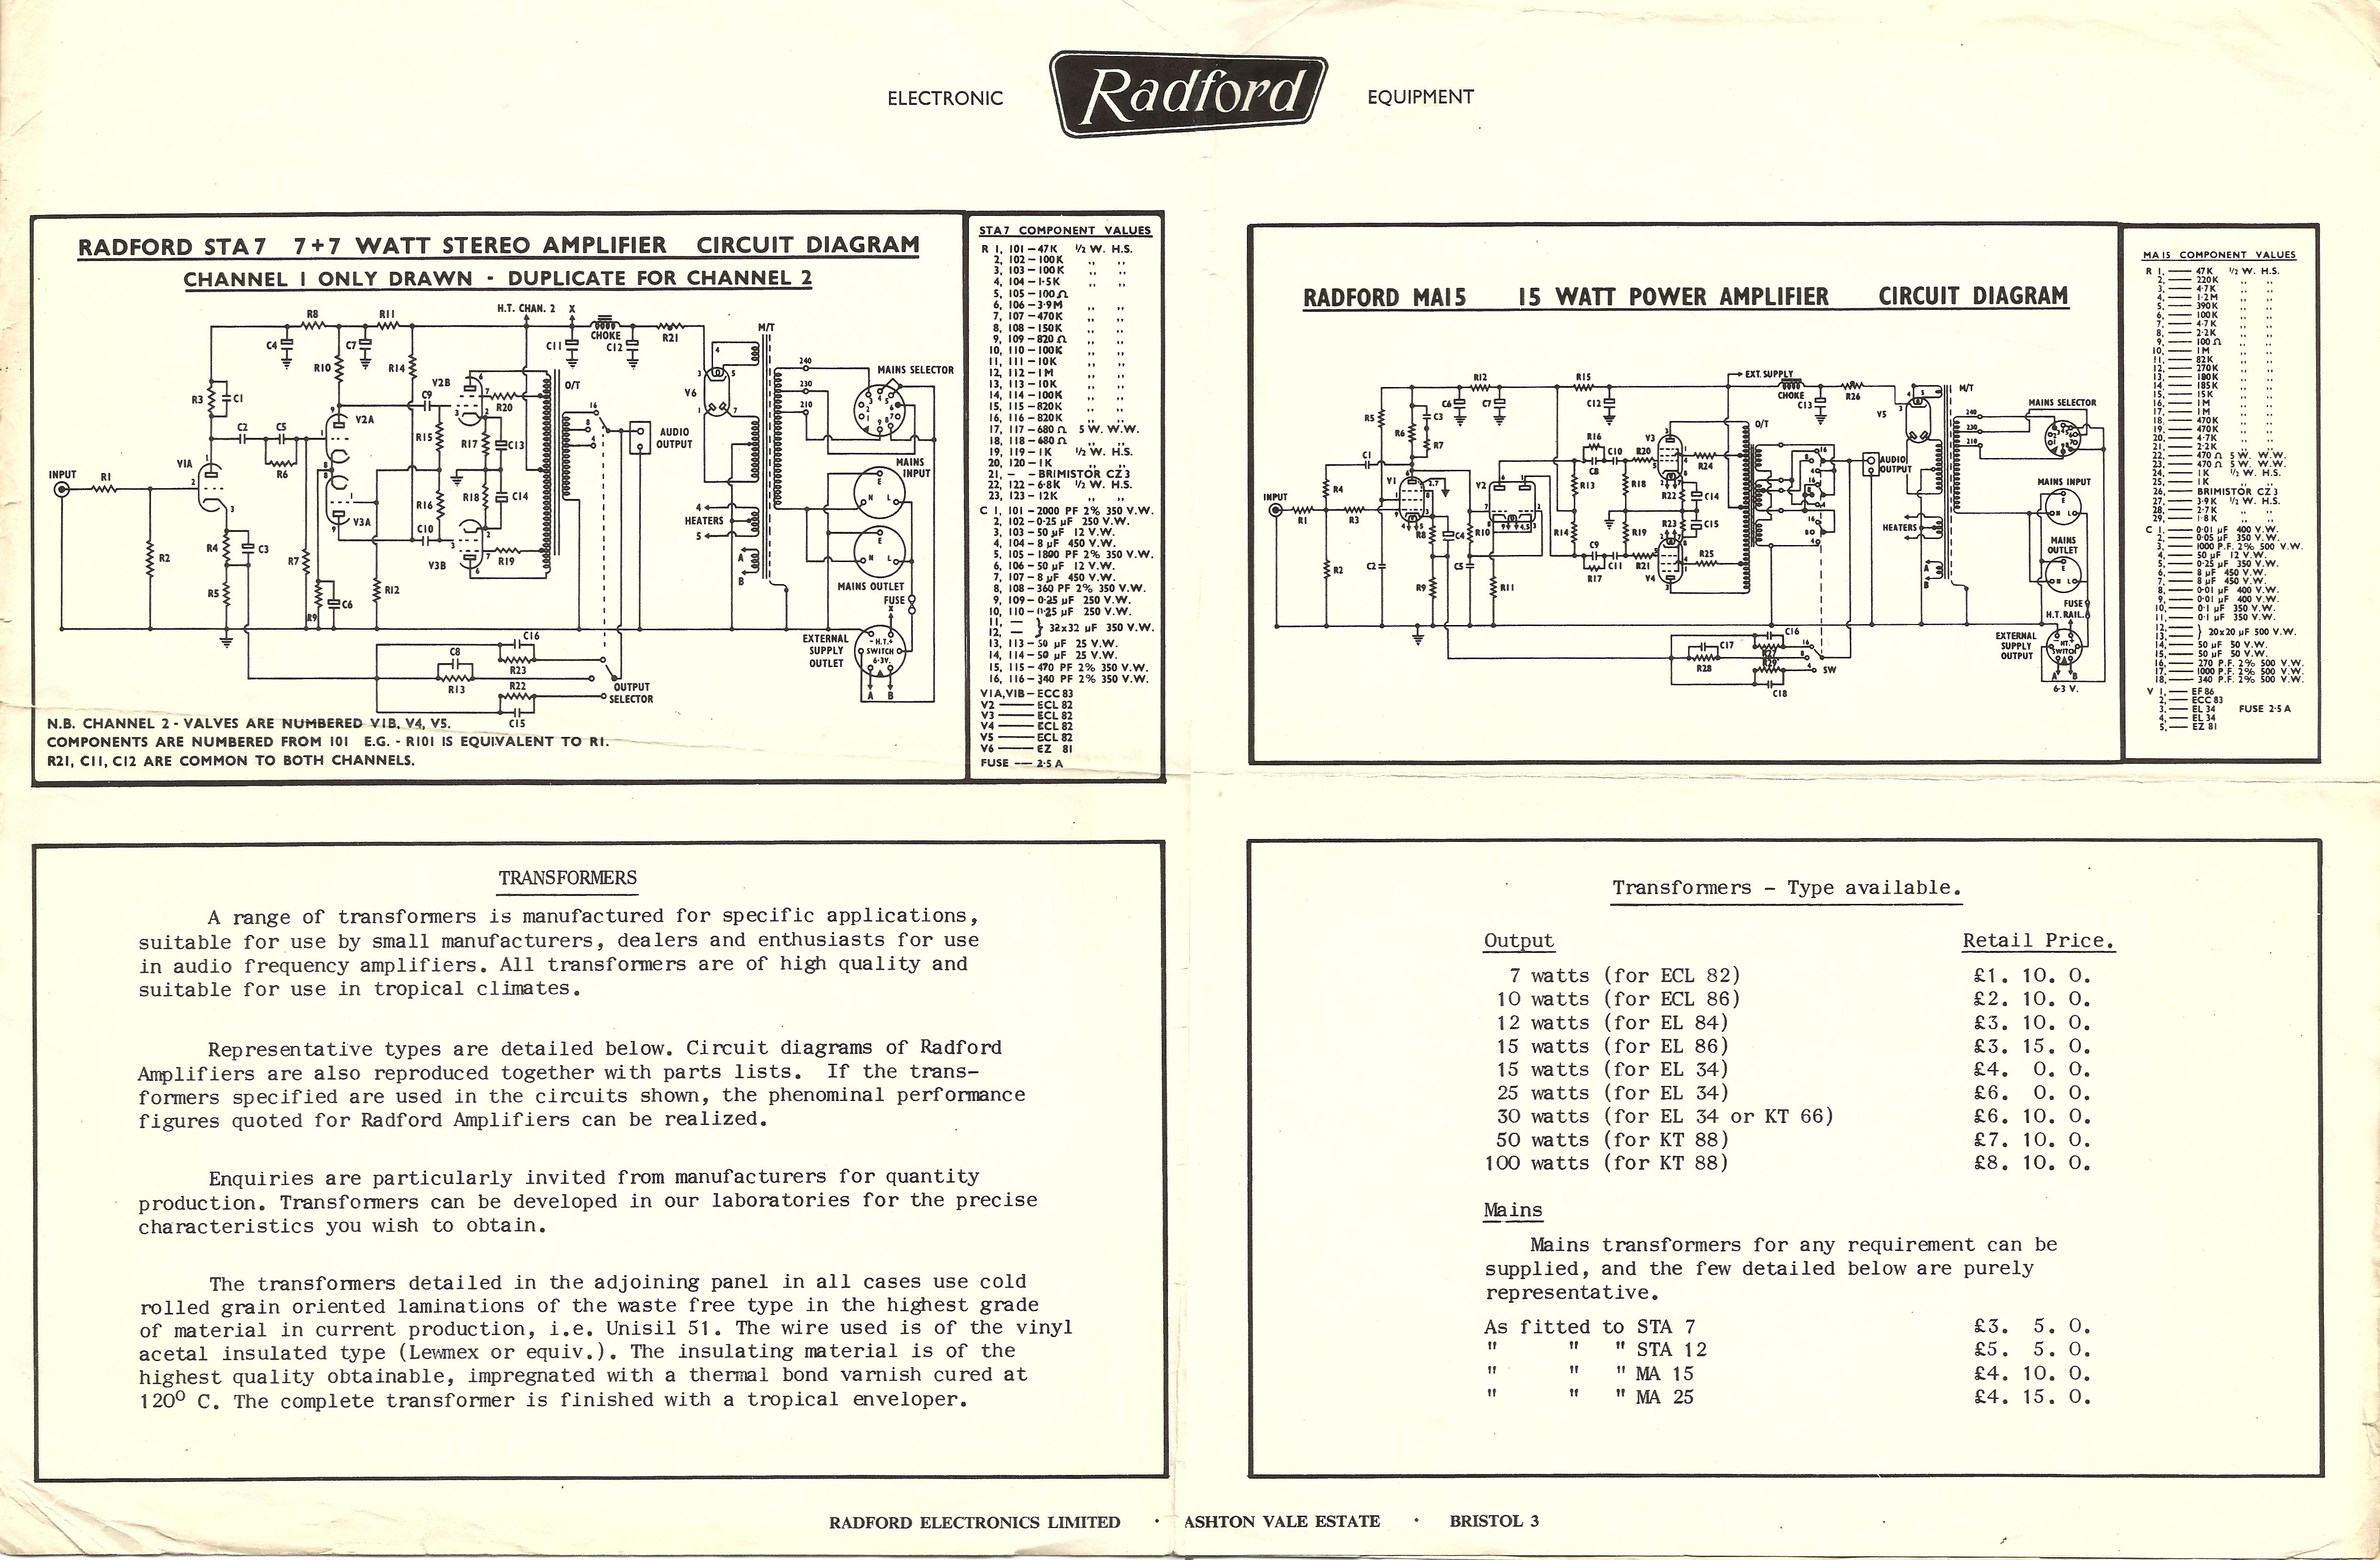 Radford Sta7 Diyaudio 5 Watt Amplifier Circuit Diagram 210v